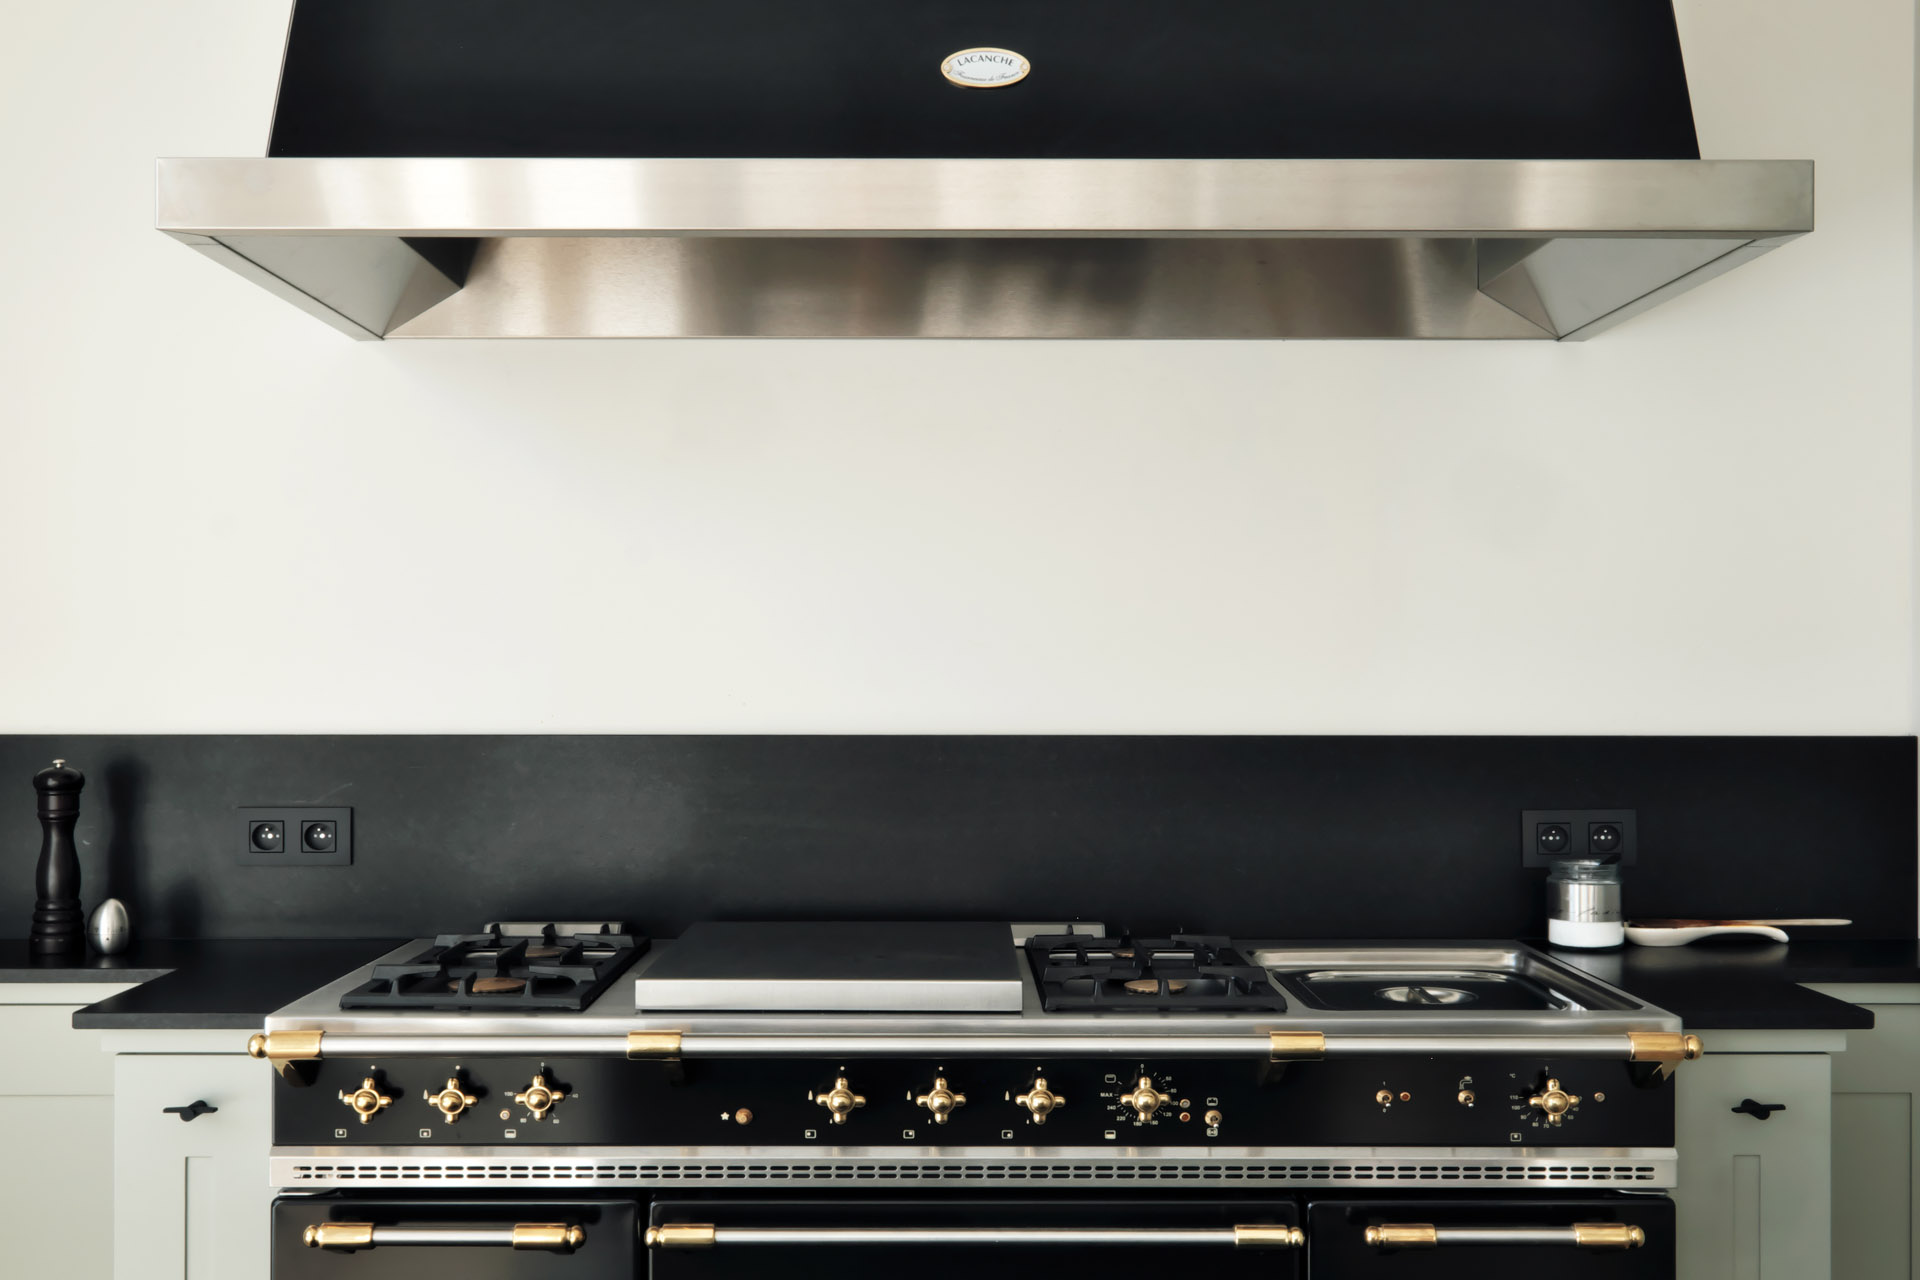 Traumküchen mit Markengeräten - Lacanche Designofen/Gasherd kombiniert mit Naturstein Zimbabwe Z Classic